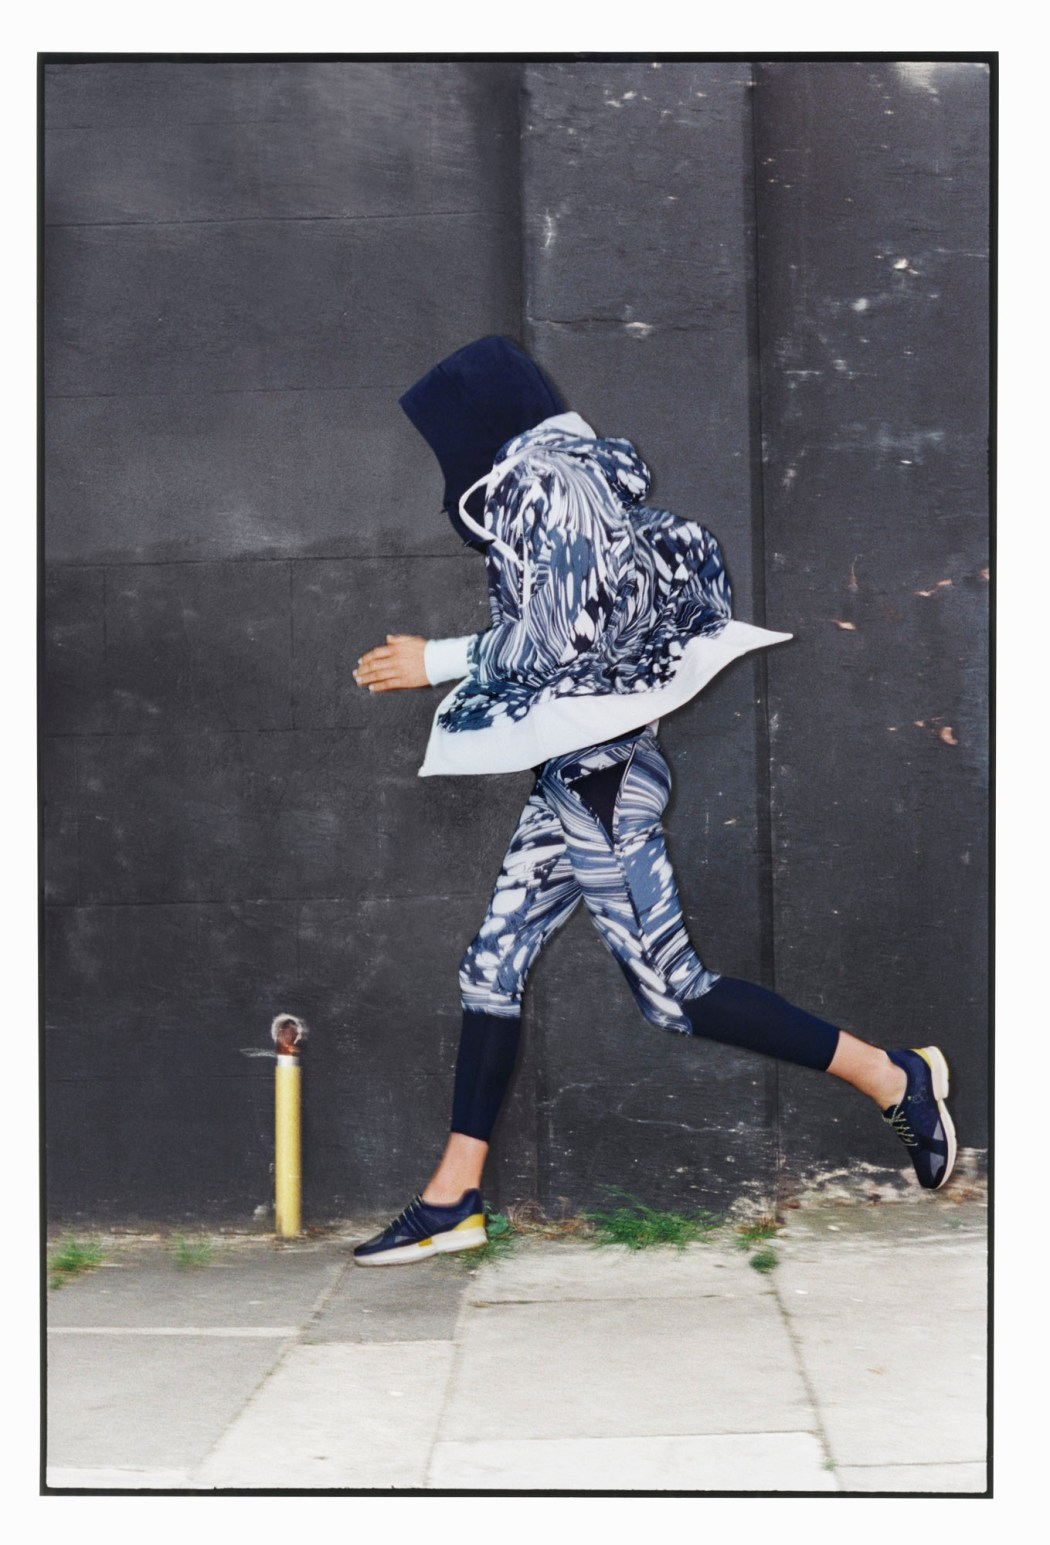 Run慢跑系列 藍色圖紋連帽外套$10,800_藍色圖紋運動緊身九分褲$3,600_內襯深藍色連帽背心$5,600_1月上市